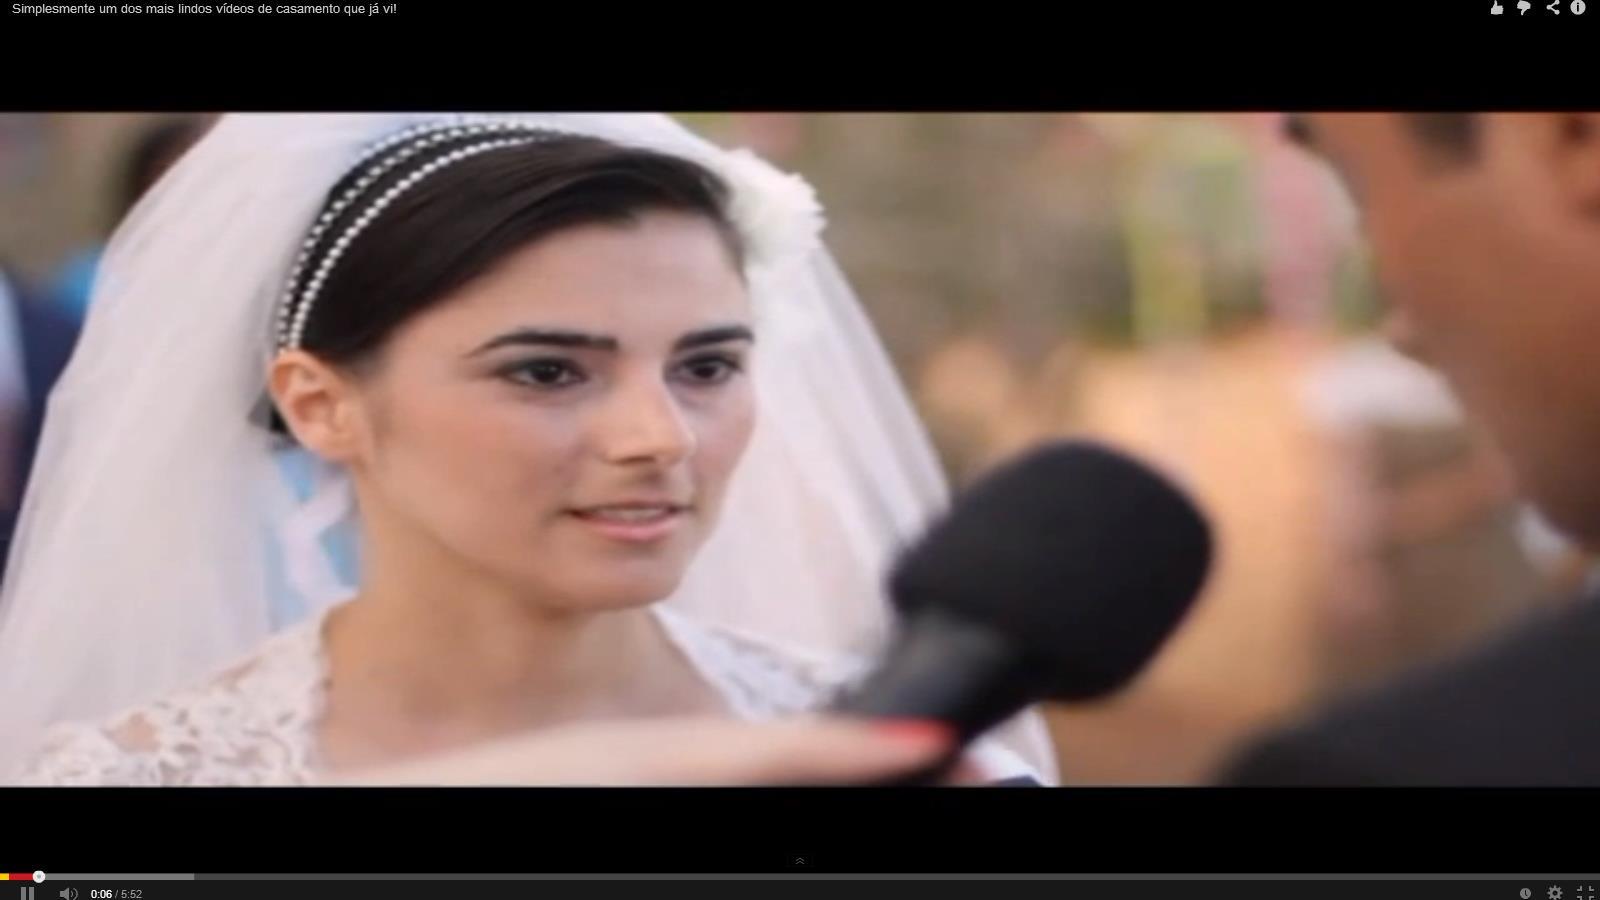 Casamento chama a atenção por simplicidade (Foto: Divulgação)